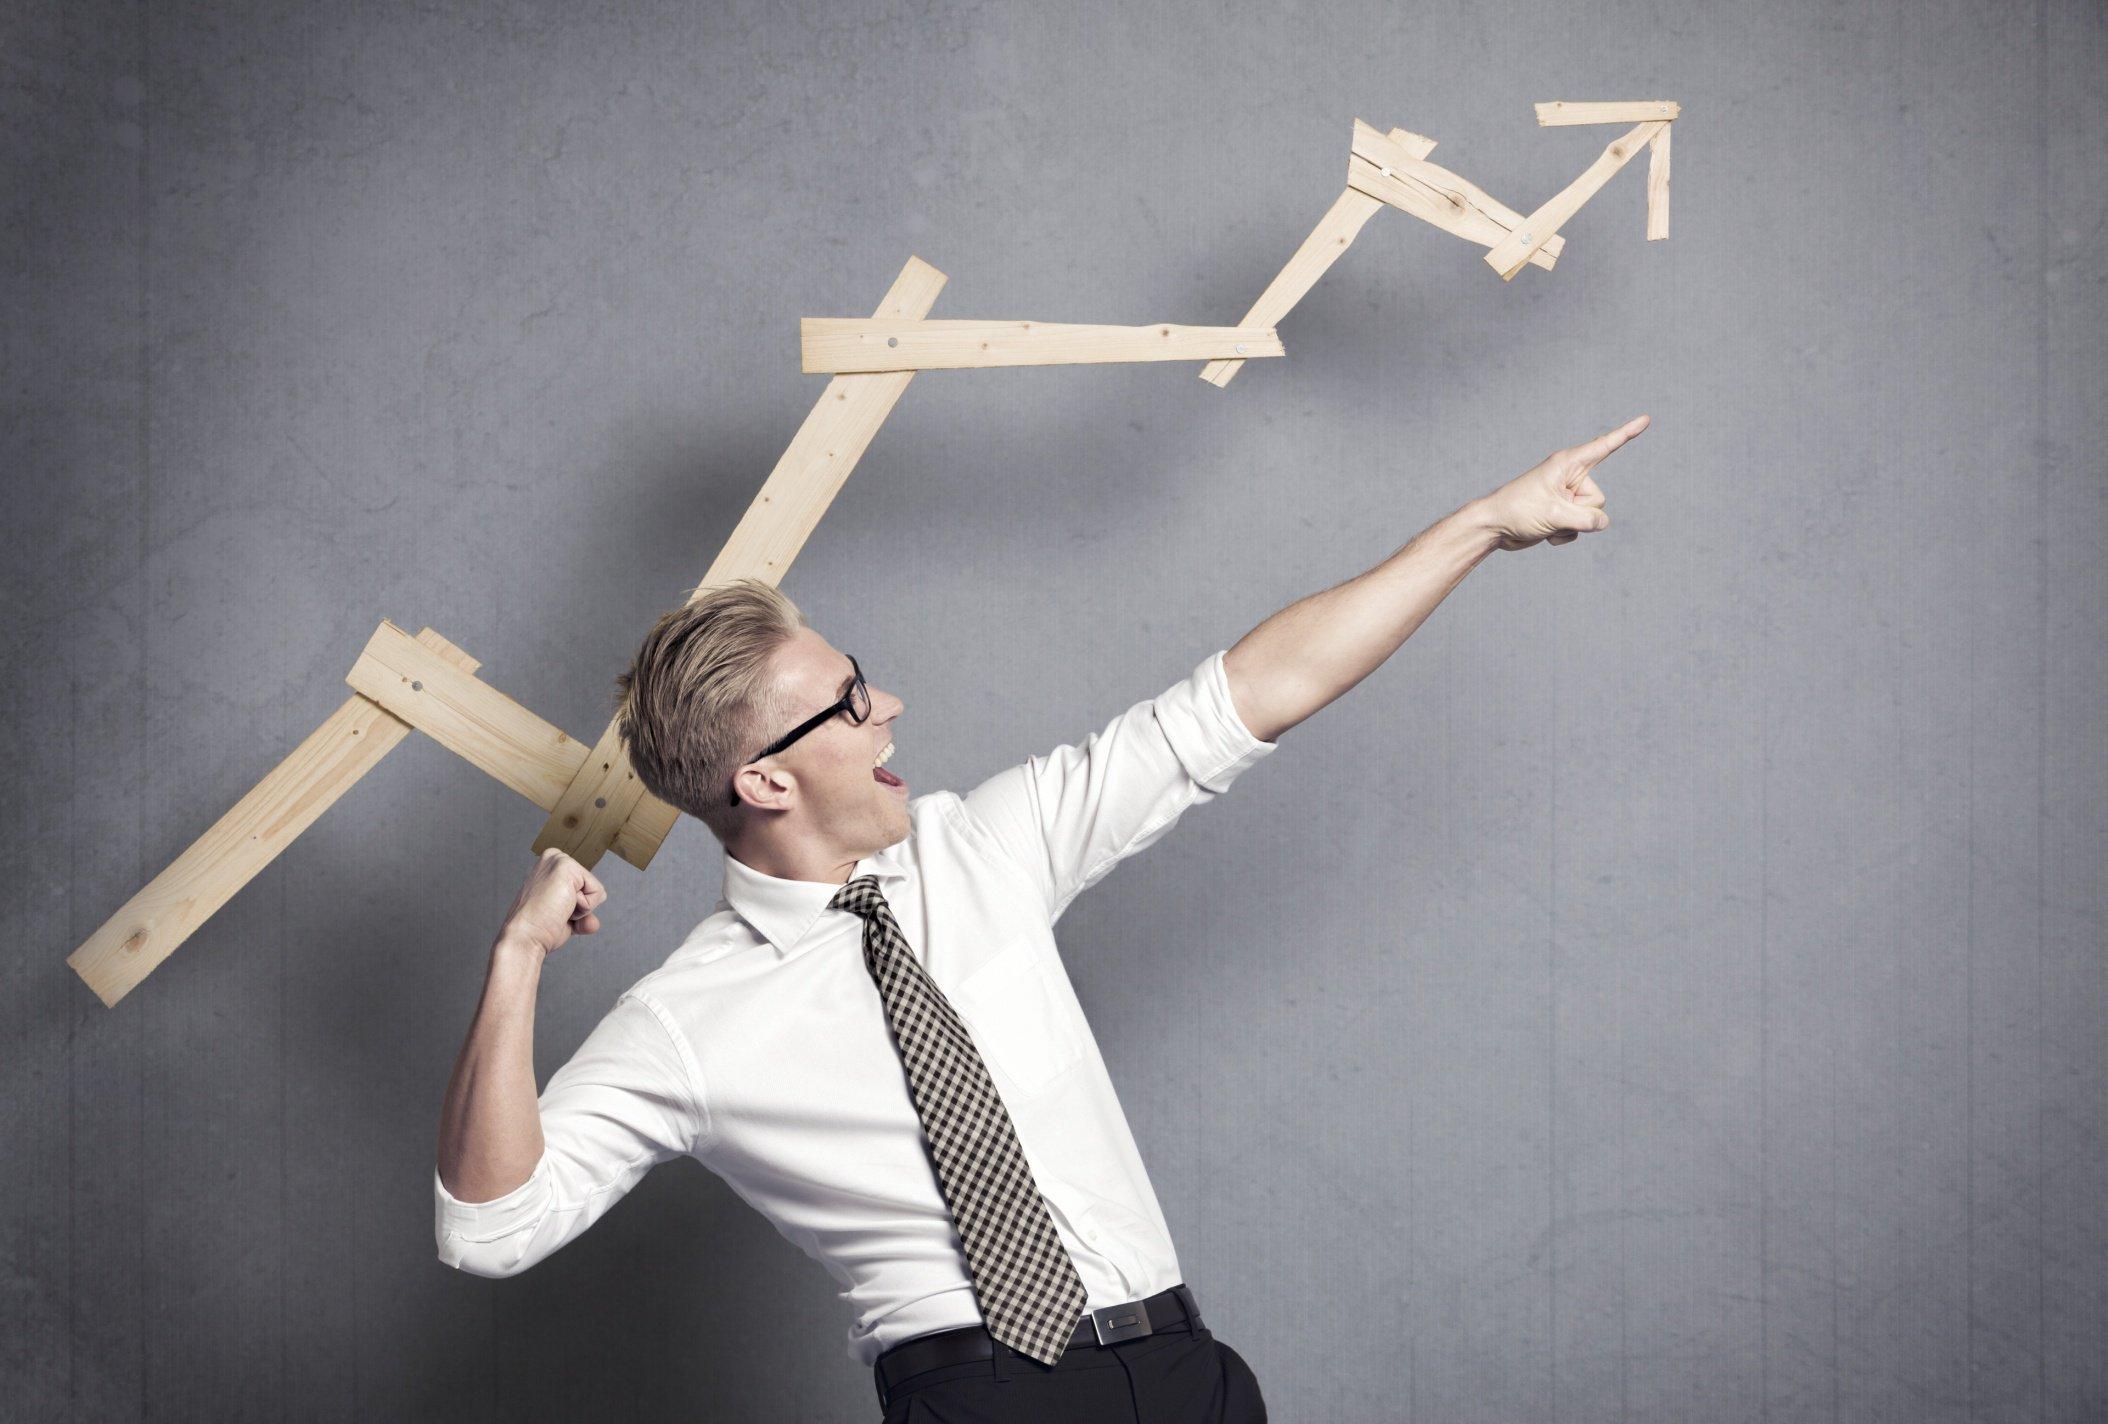 El emprendedor español es hombre, tiene 35 años, estudios universitarios y formación en ciencias sociales